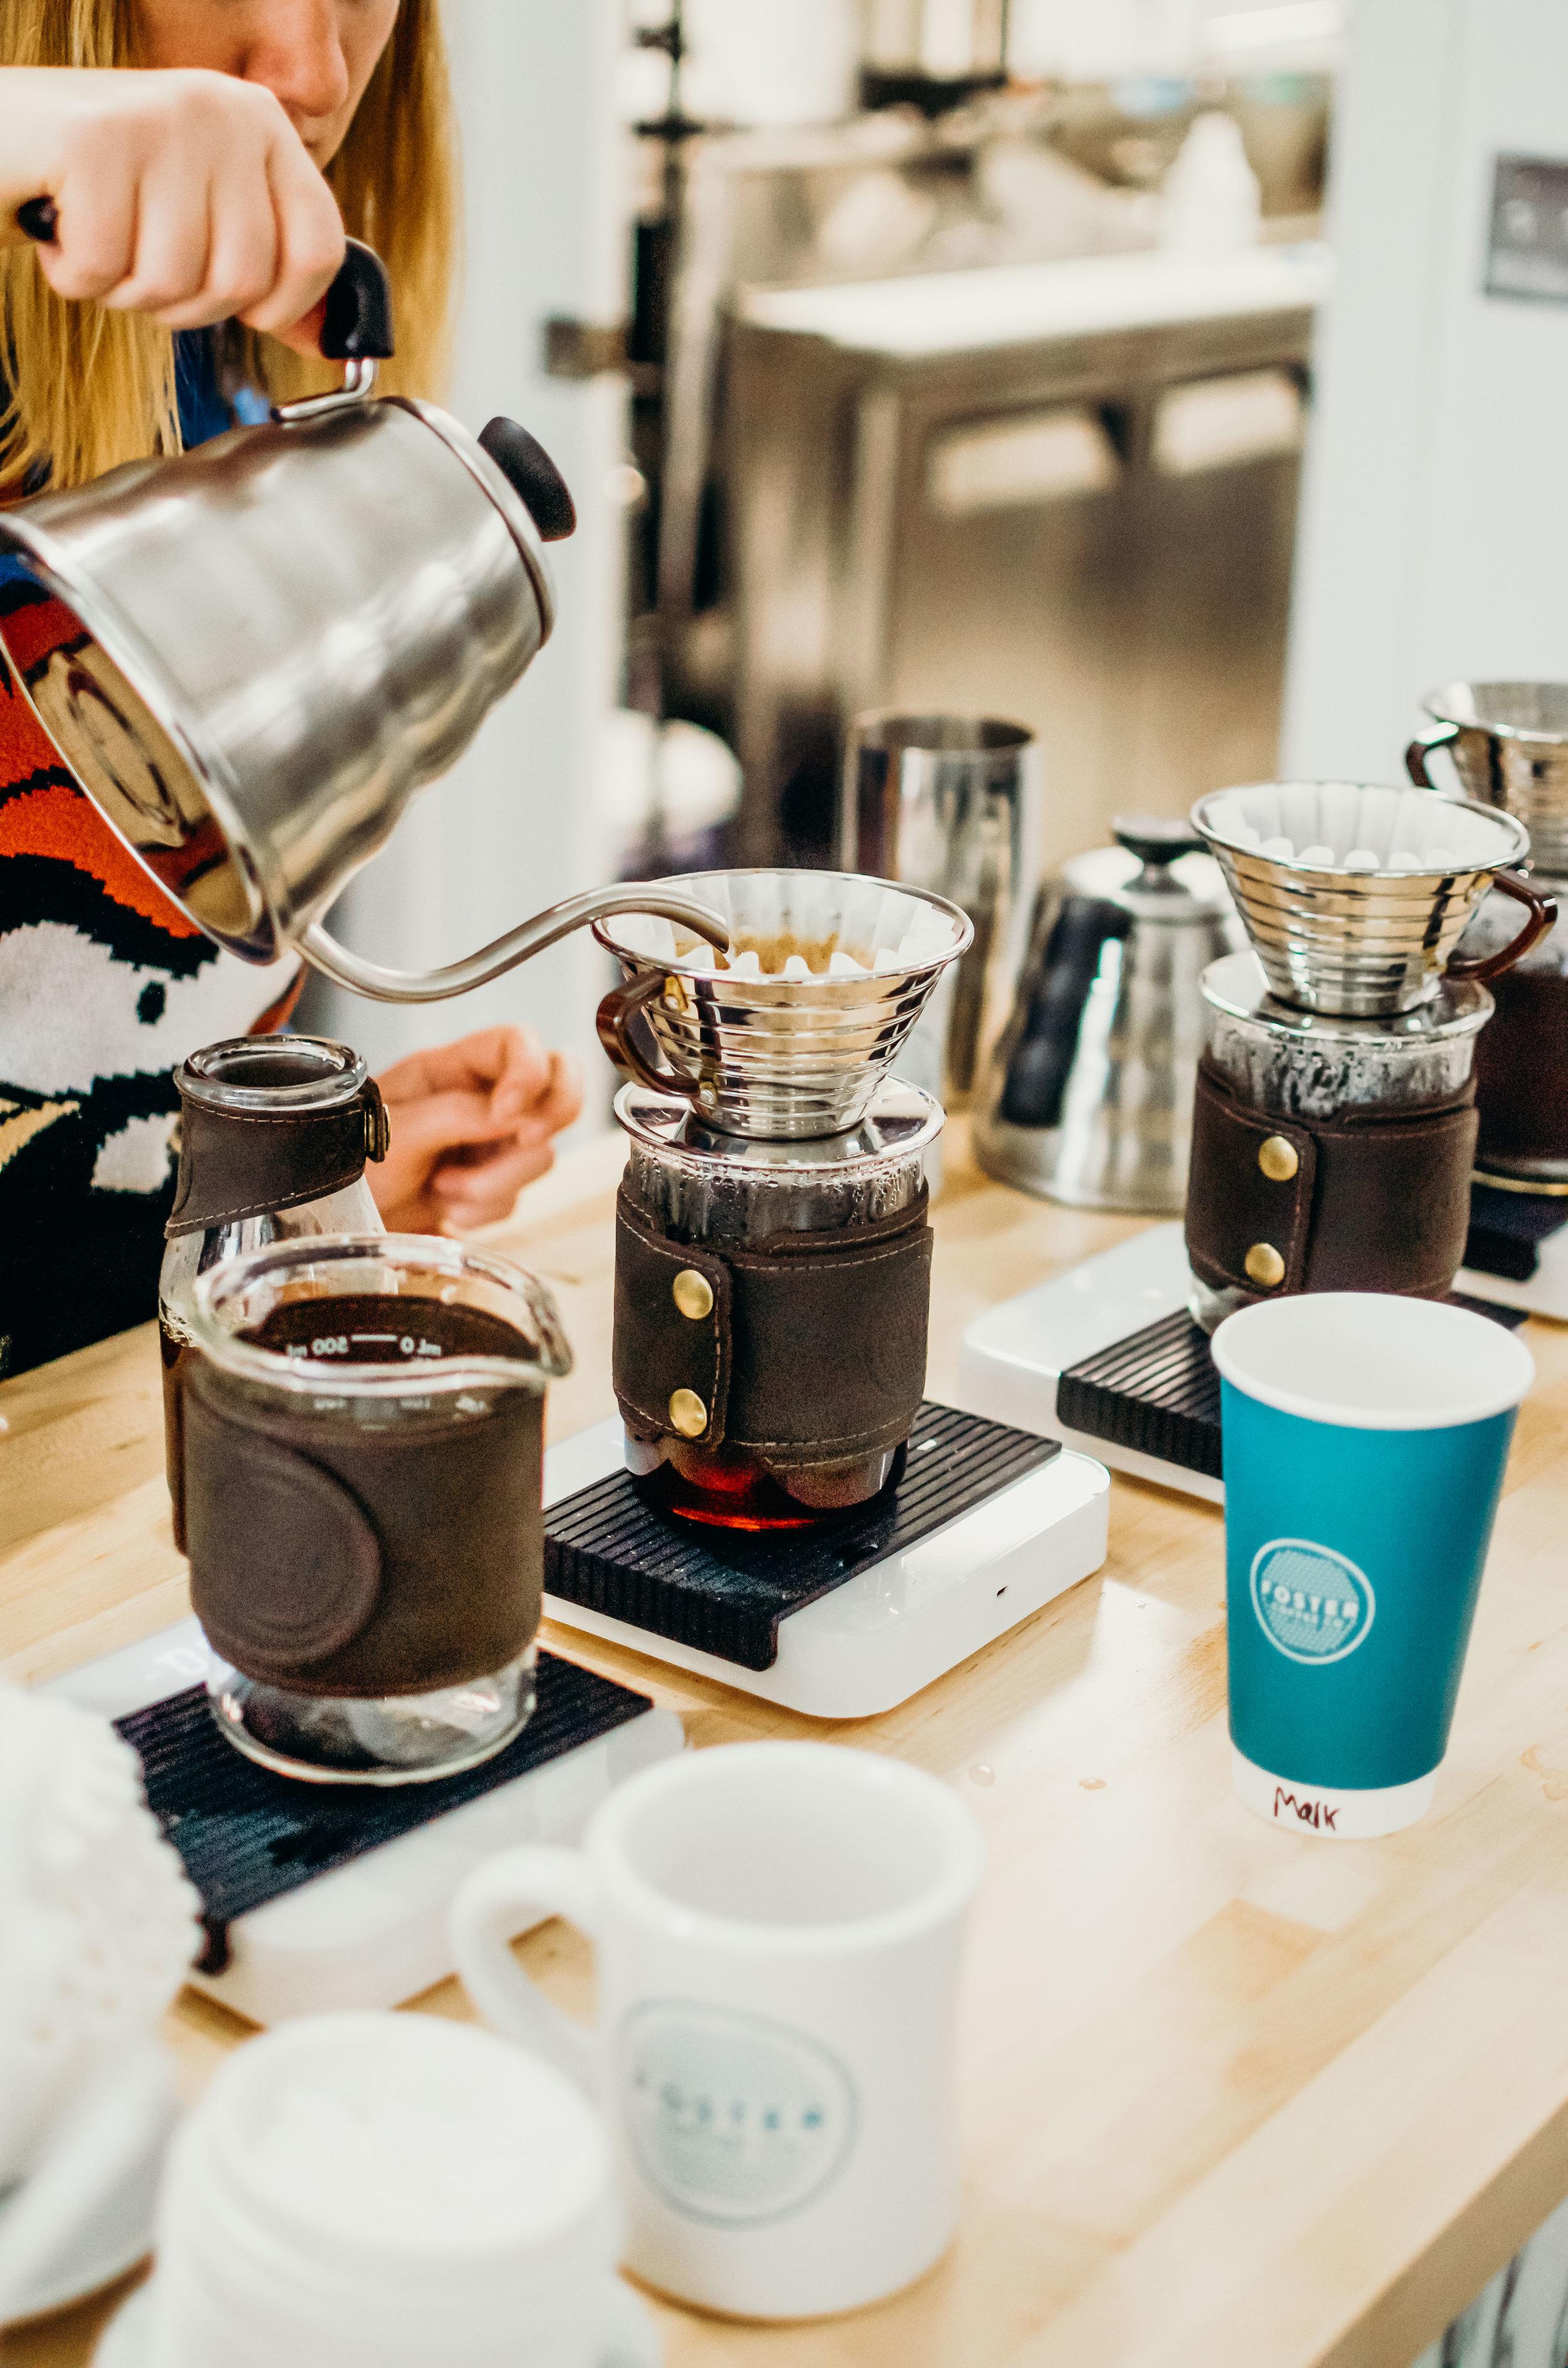 Wendling_Boyd_Foster_Flint_Fwrd_Coffee_Shop-17.jpg